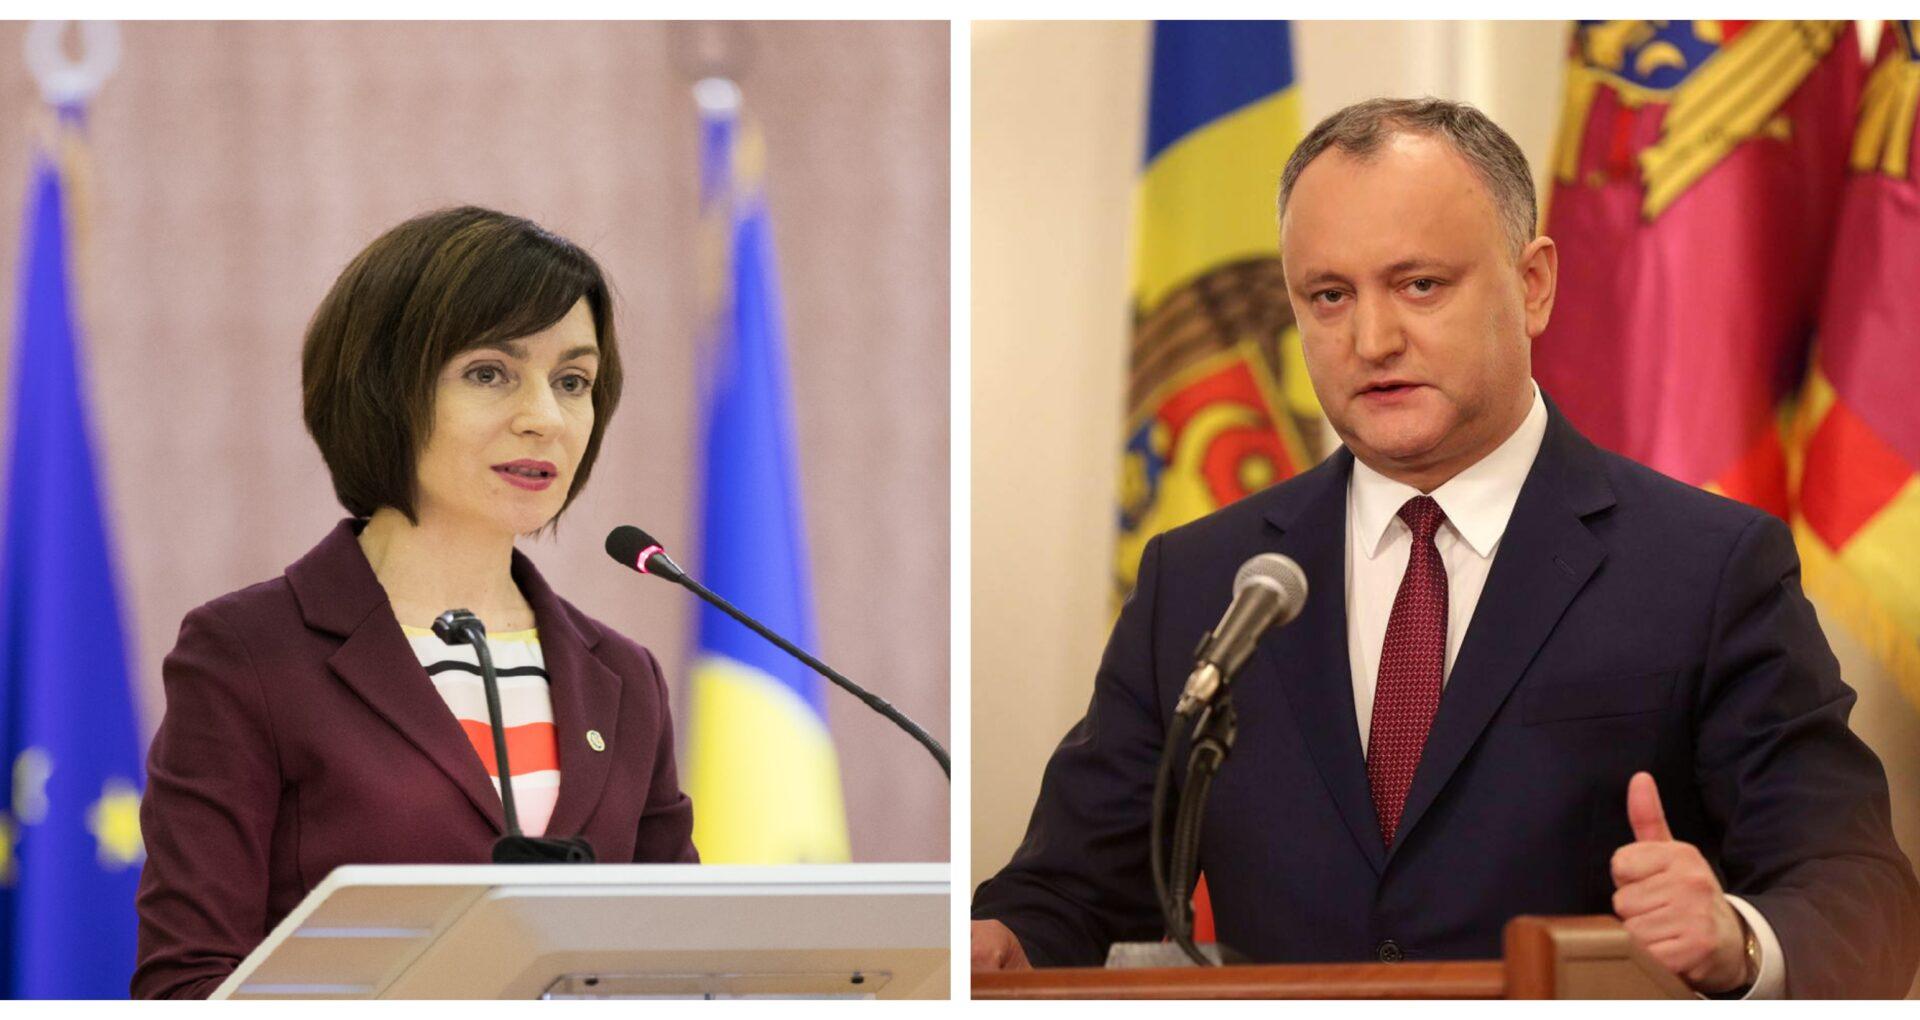 Sondaj IRI: Președintele va fi ales în turul II. Diferența între favoriți – de doar 2%